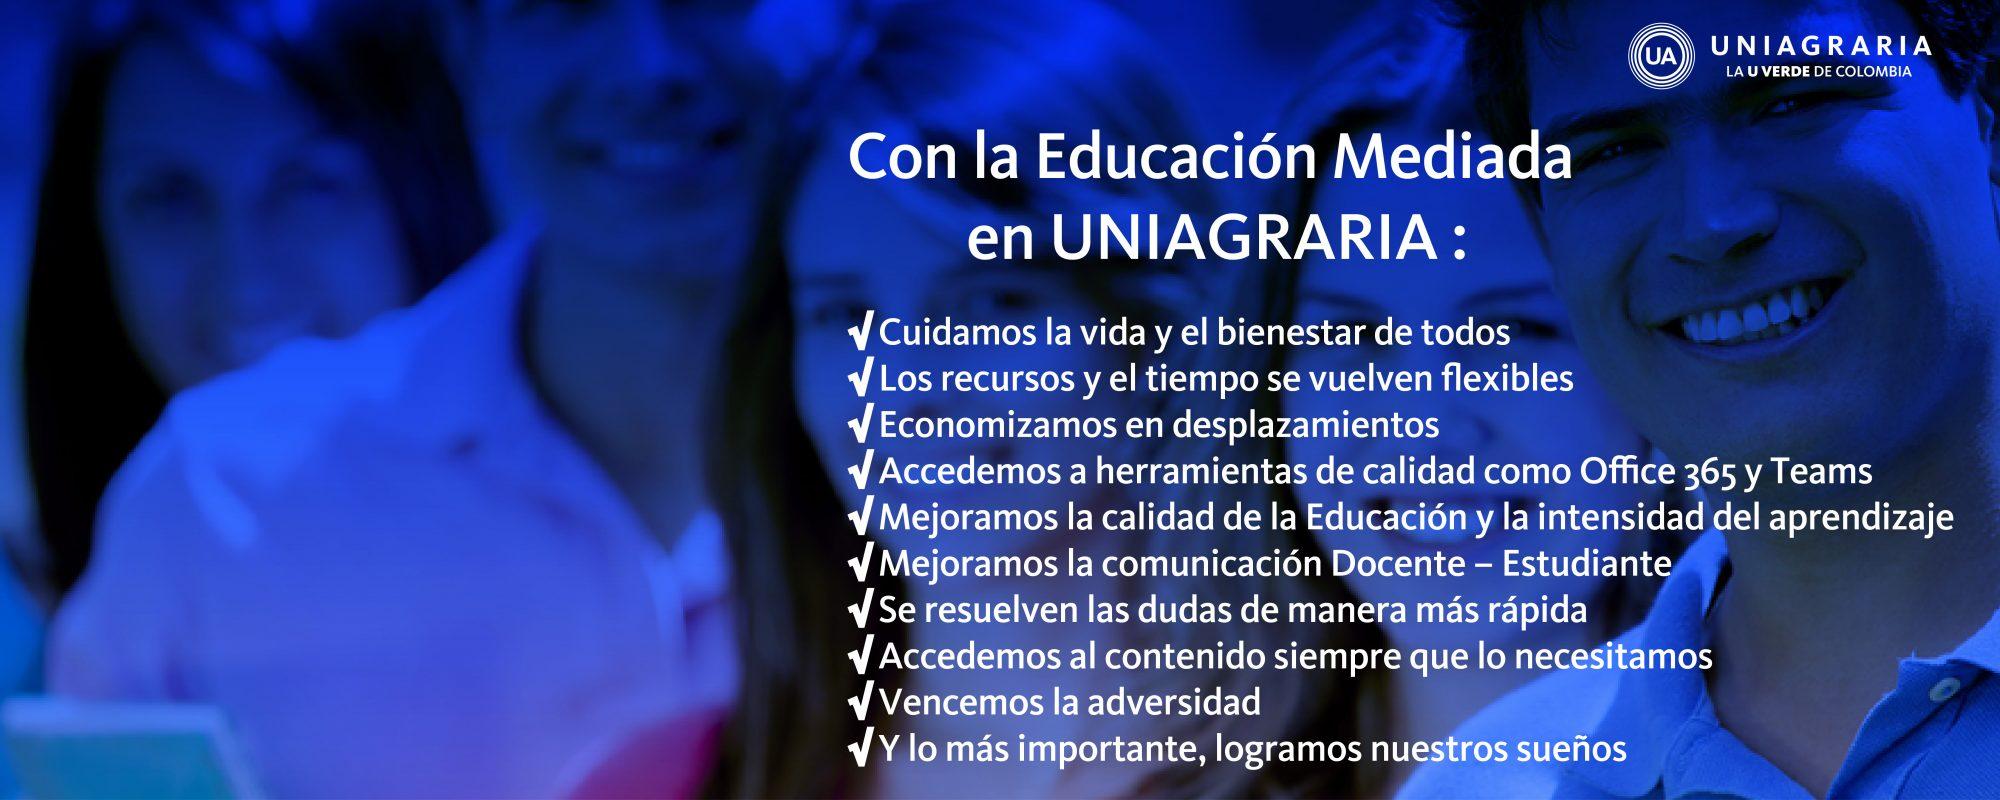 Educación Mediada